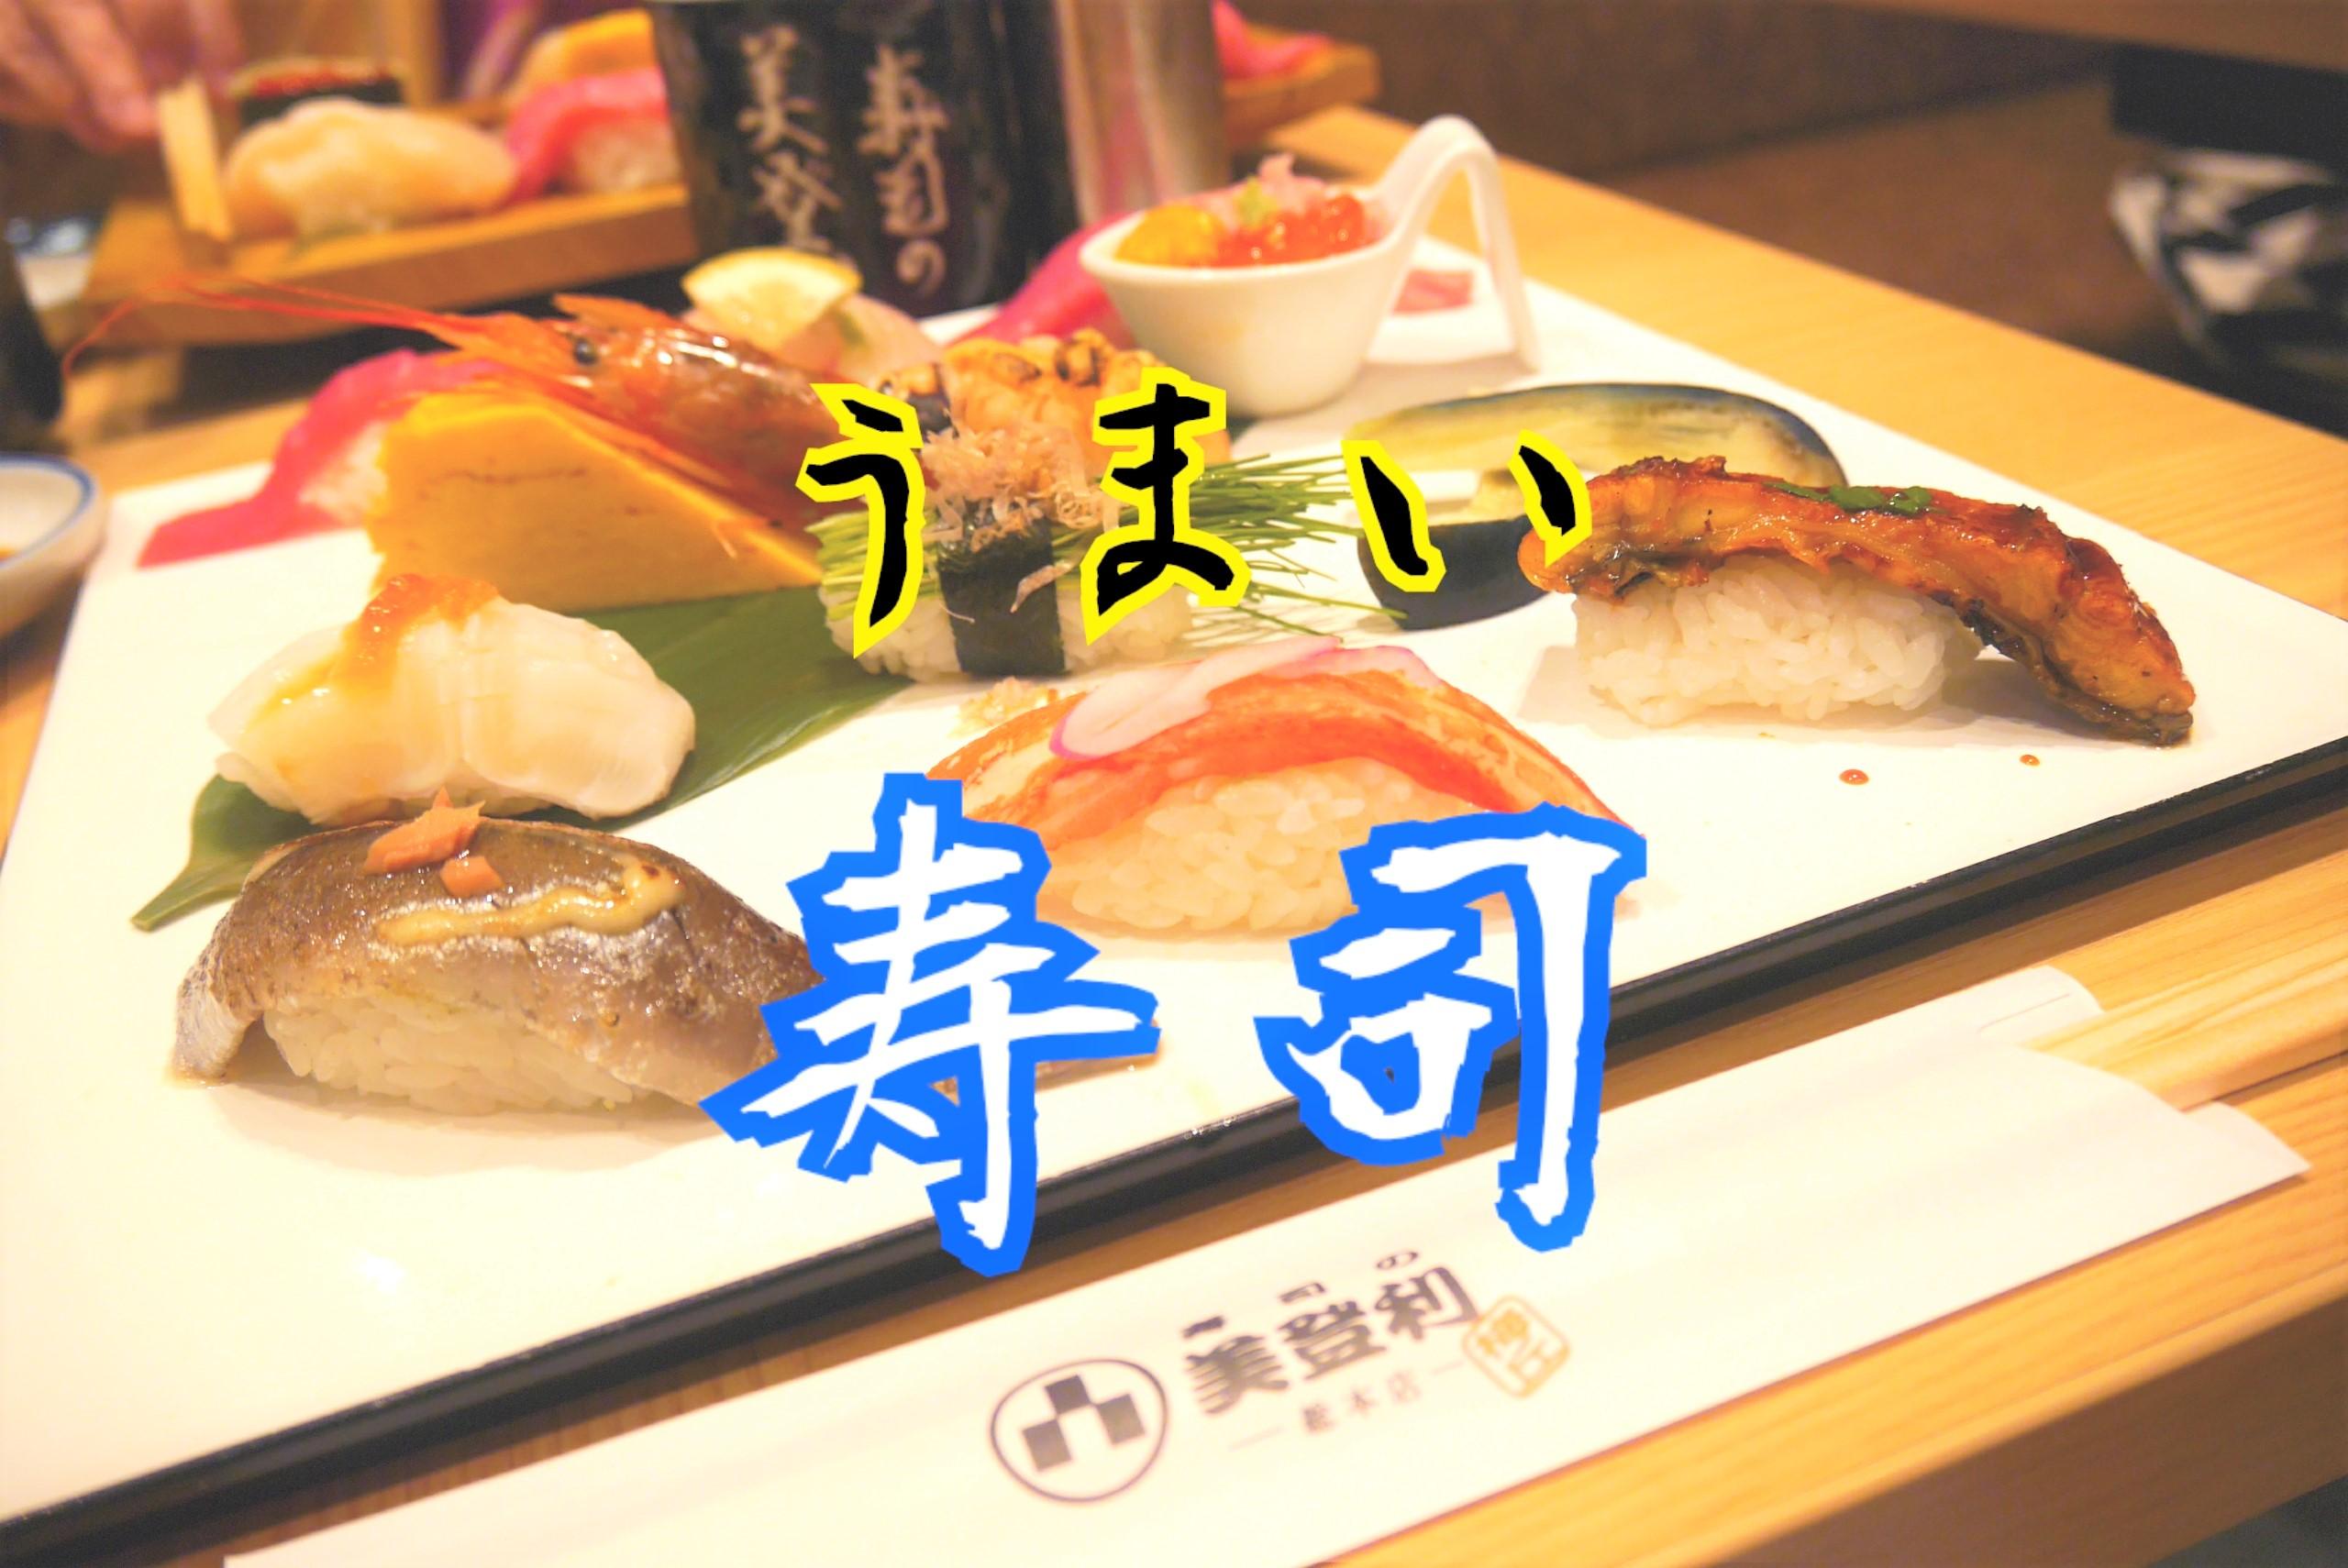 【寿司の美登利】名古屋初出店のコスパ最強絶品お寿司!待ち時間と混雑状況は?【ゲートタワー】